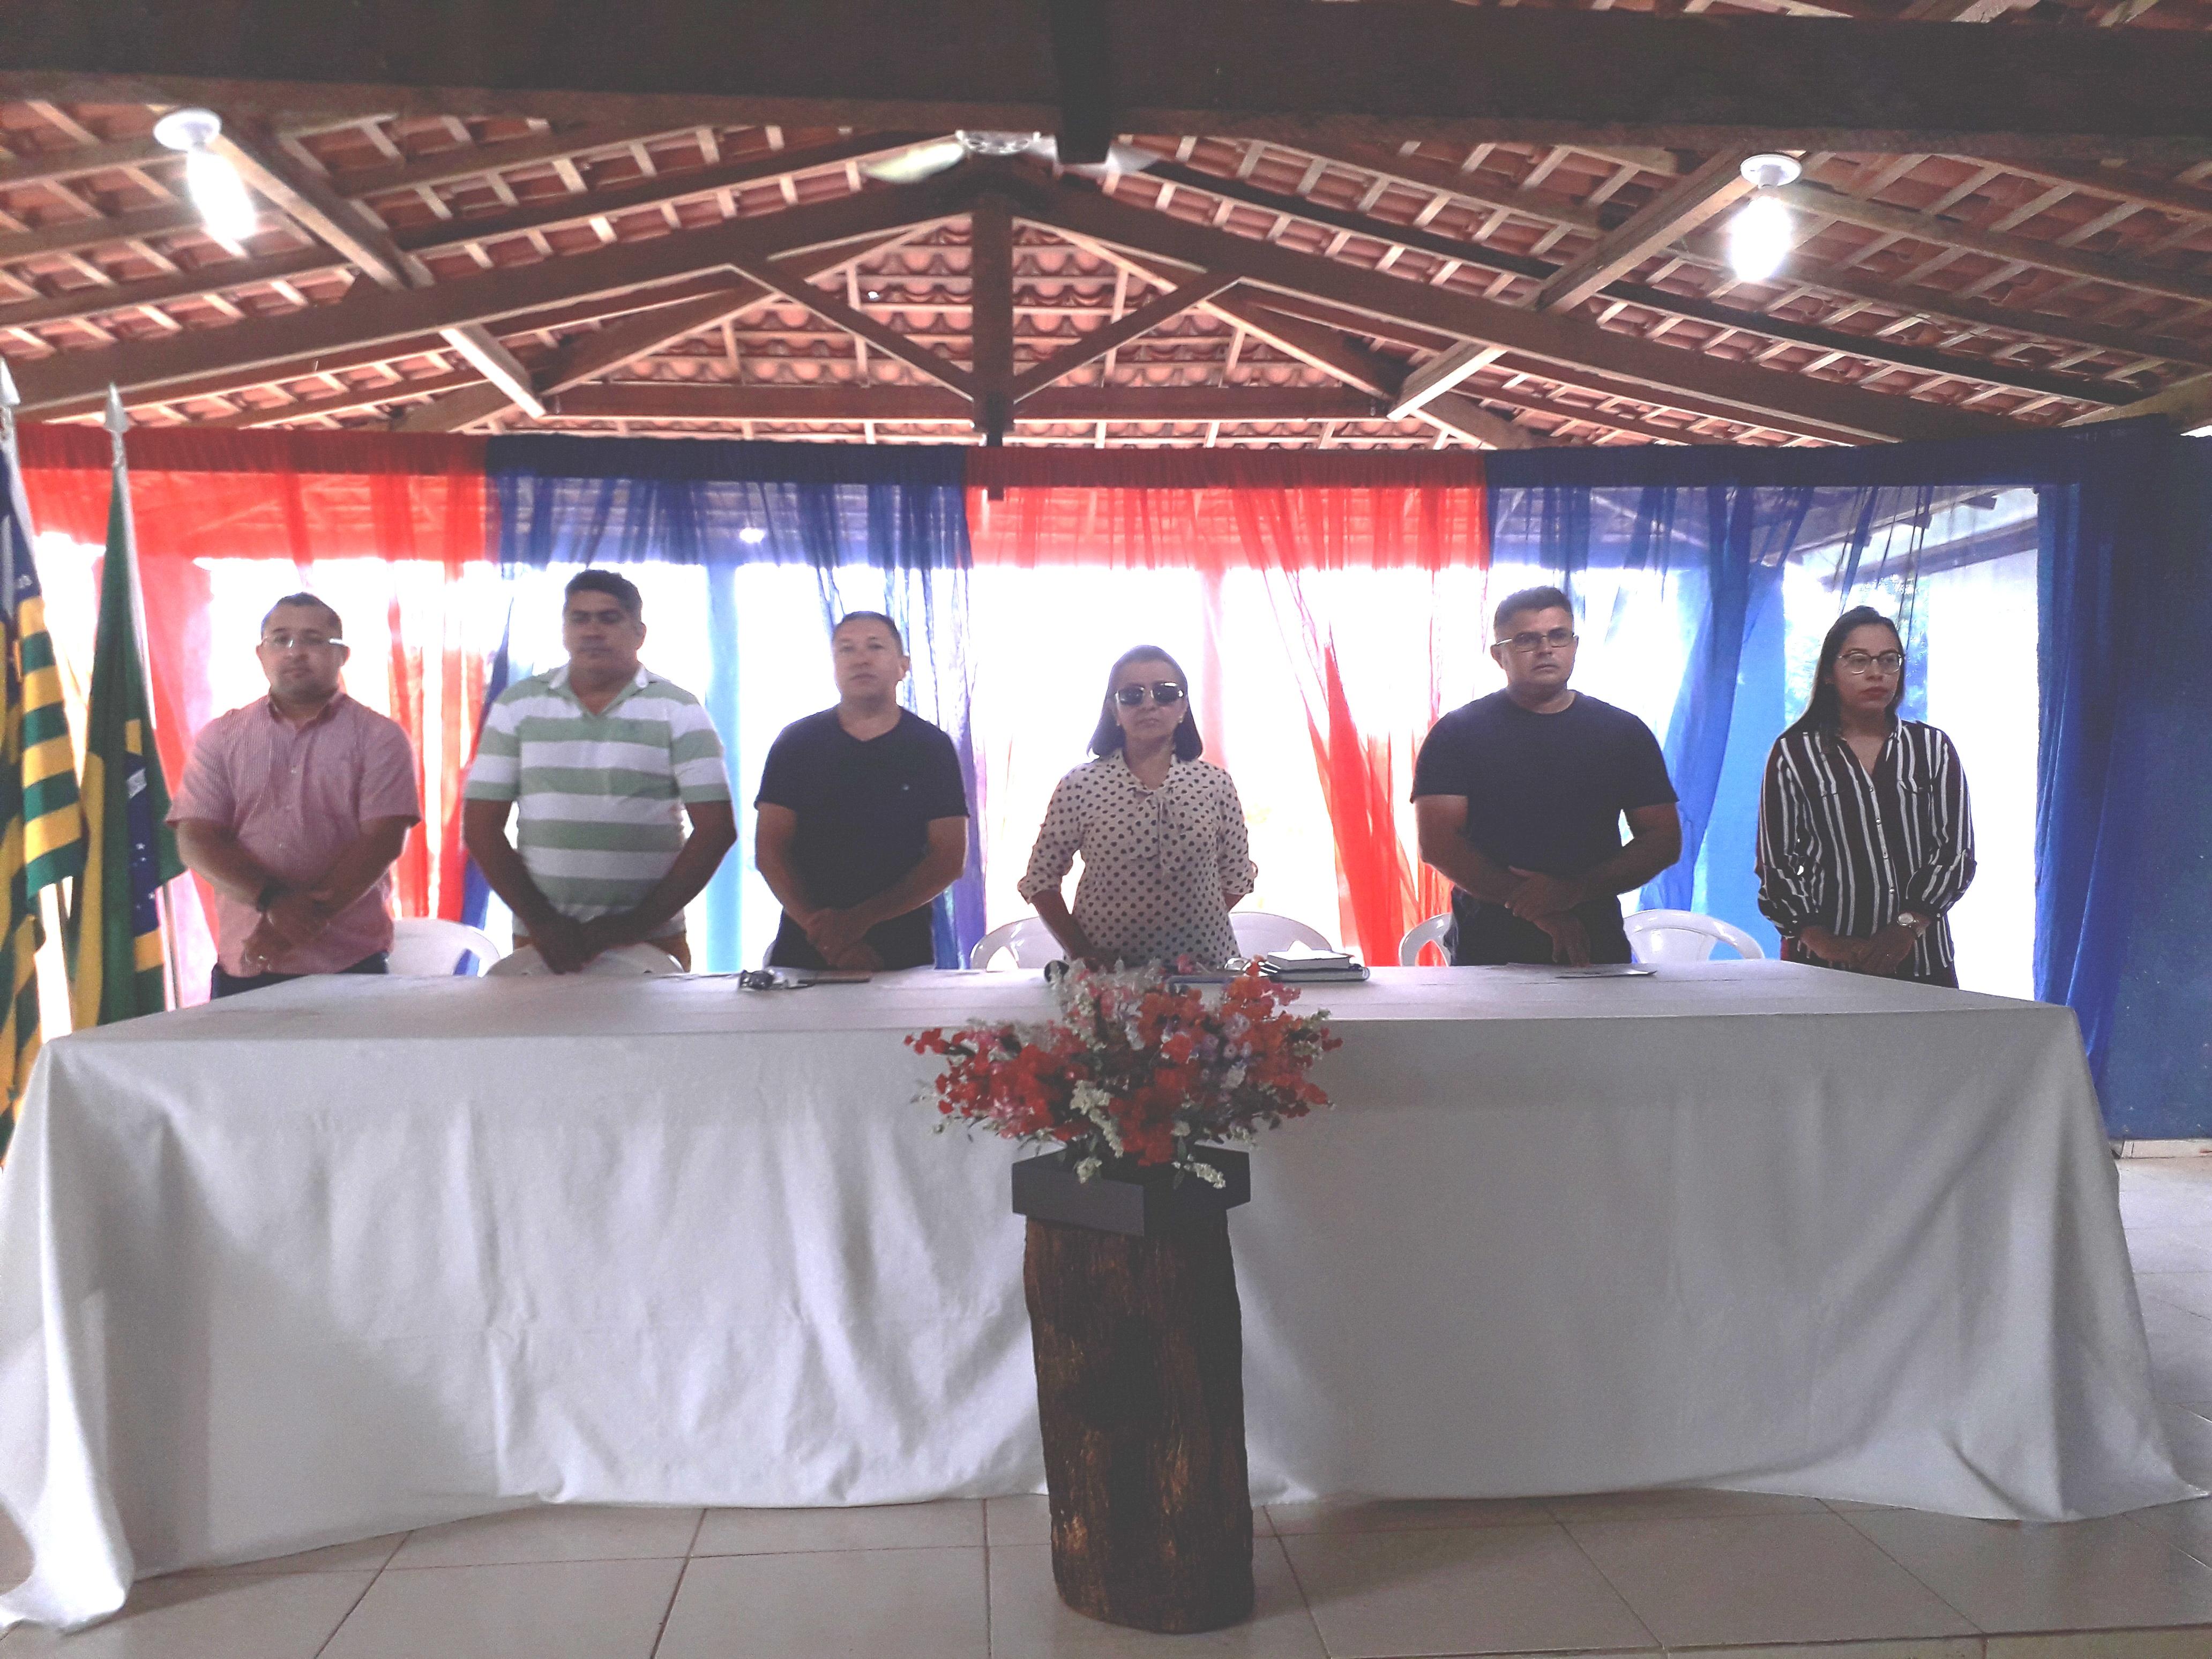 Nova Diretoria do SISMUJOF promoveu sua primeira Assembléia Geral com Associados